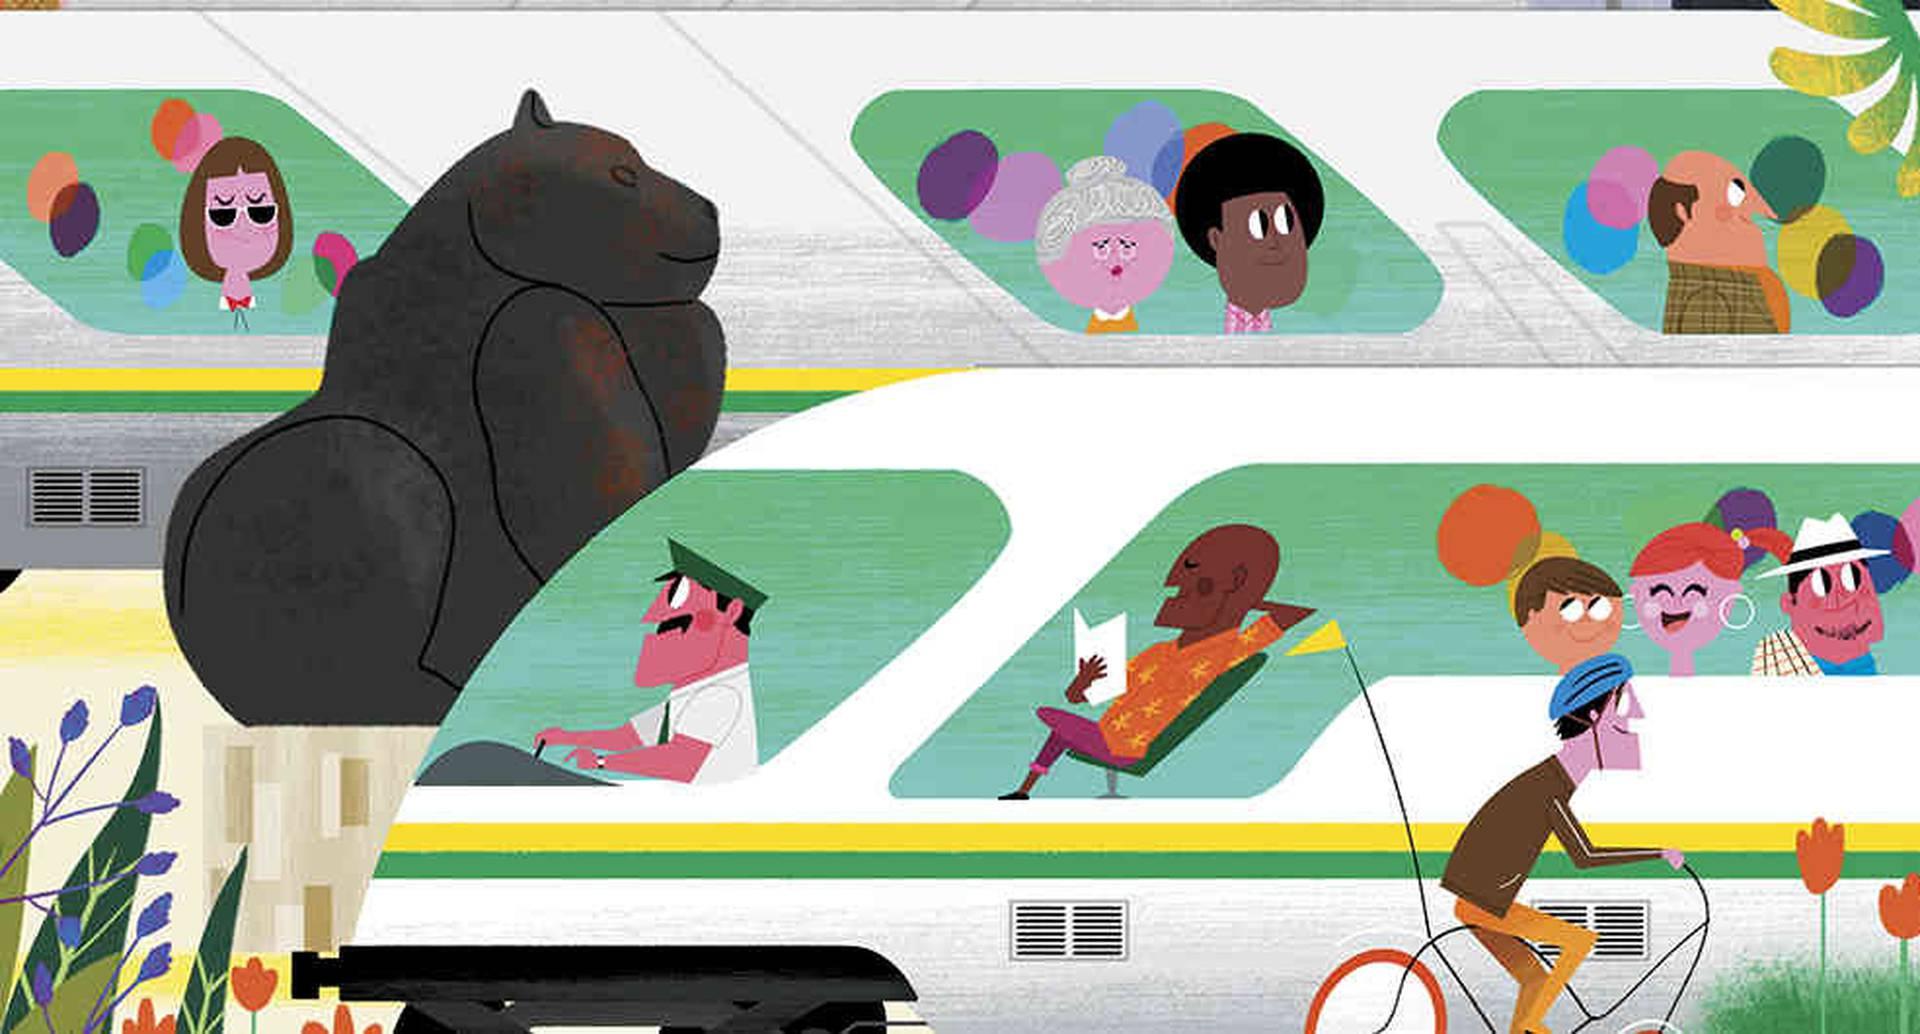 Aproximadamente 250.000 viajeros diarios se le sumarán al Metro de Medellín con la unión de los dos sistemas.